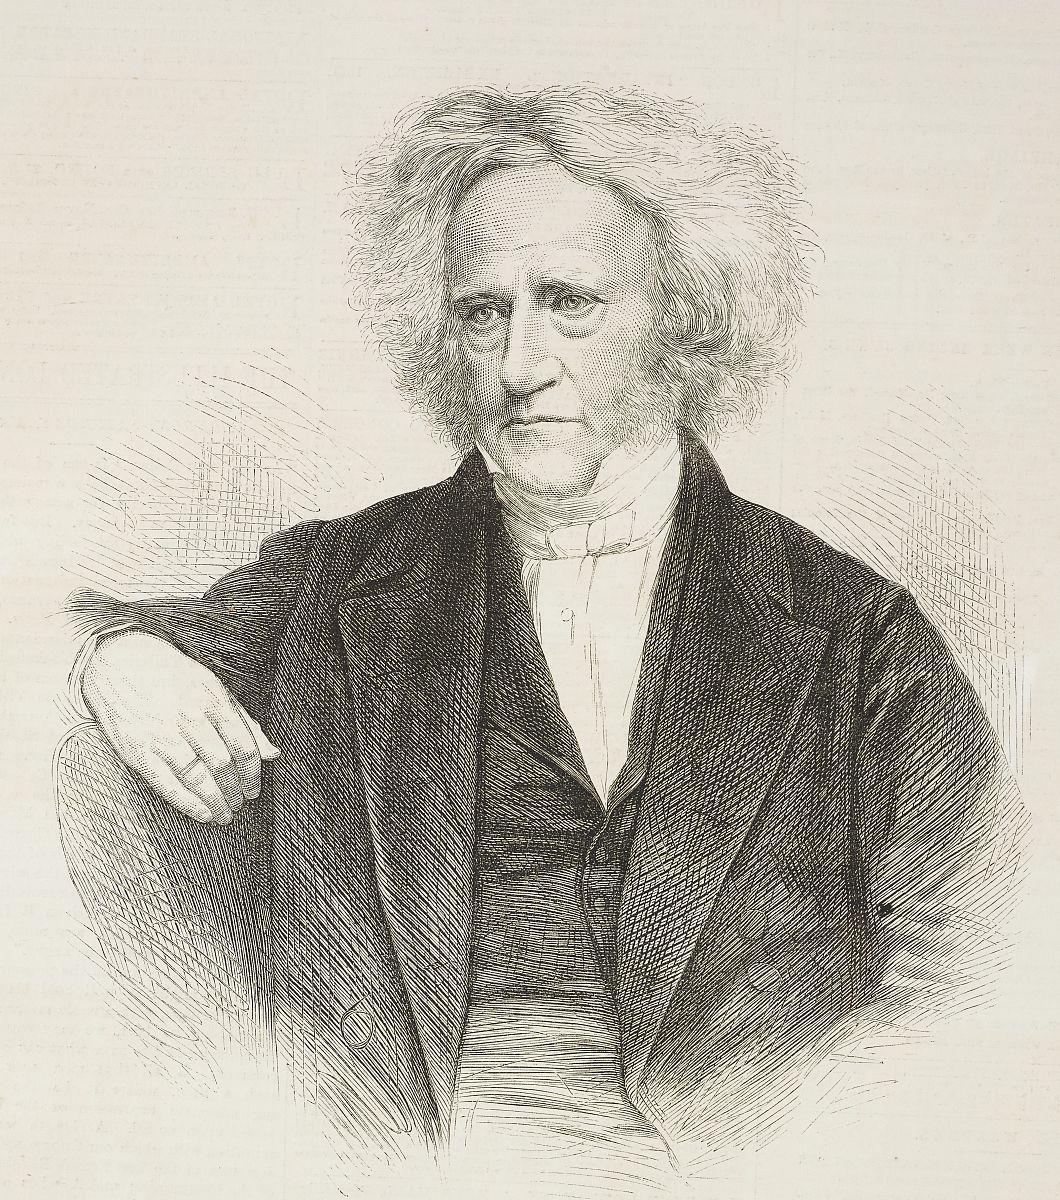 英国数学家和天文学家,从杂志的伦敦新闻画报,体积lviii插图,1871年5图片